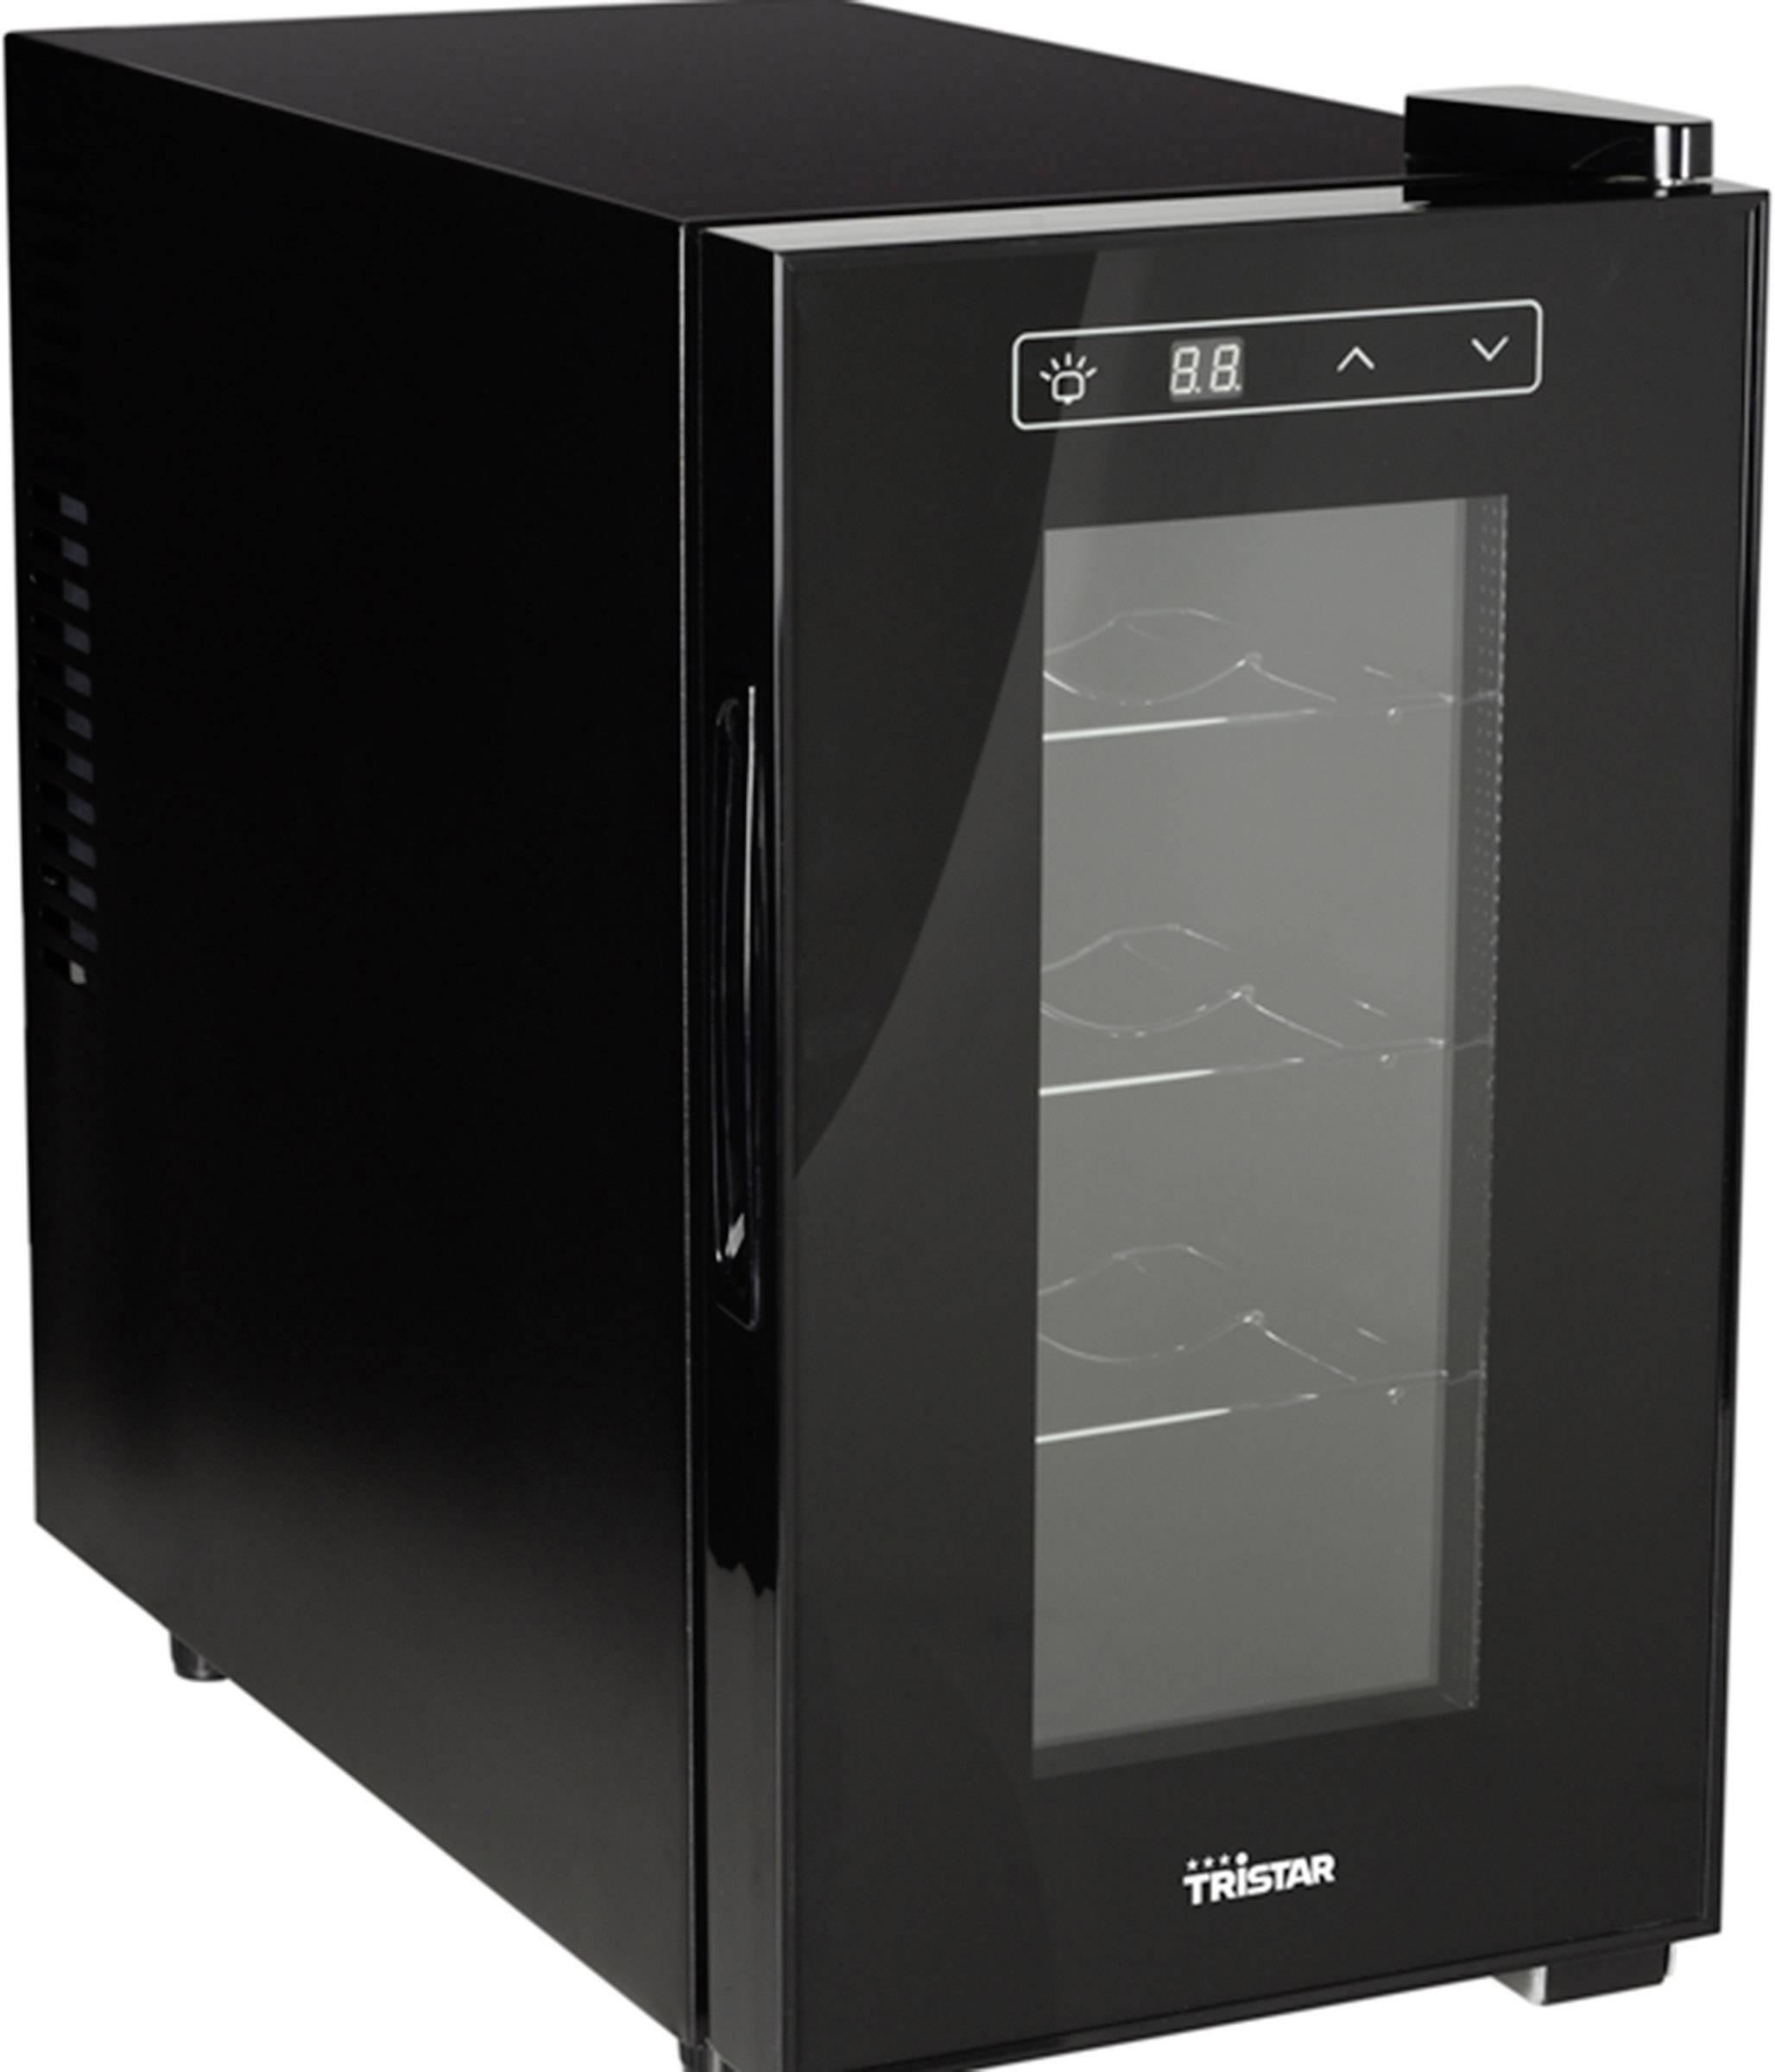 Chladnička na víno Tristar WR-7508, en.třída: A+, 21 l, černá